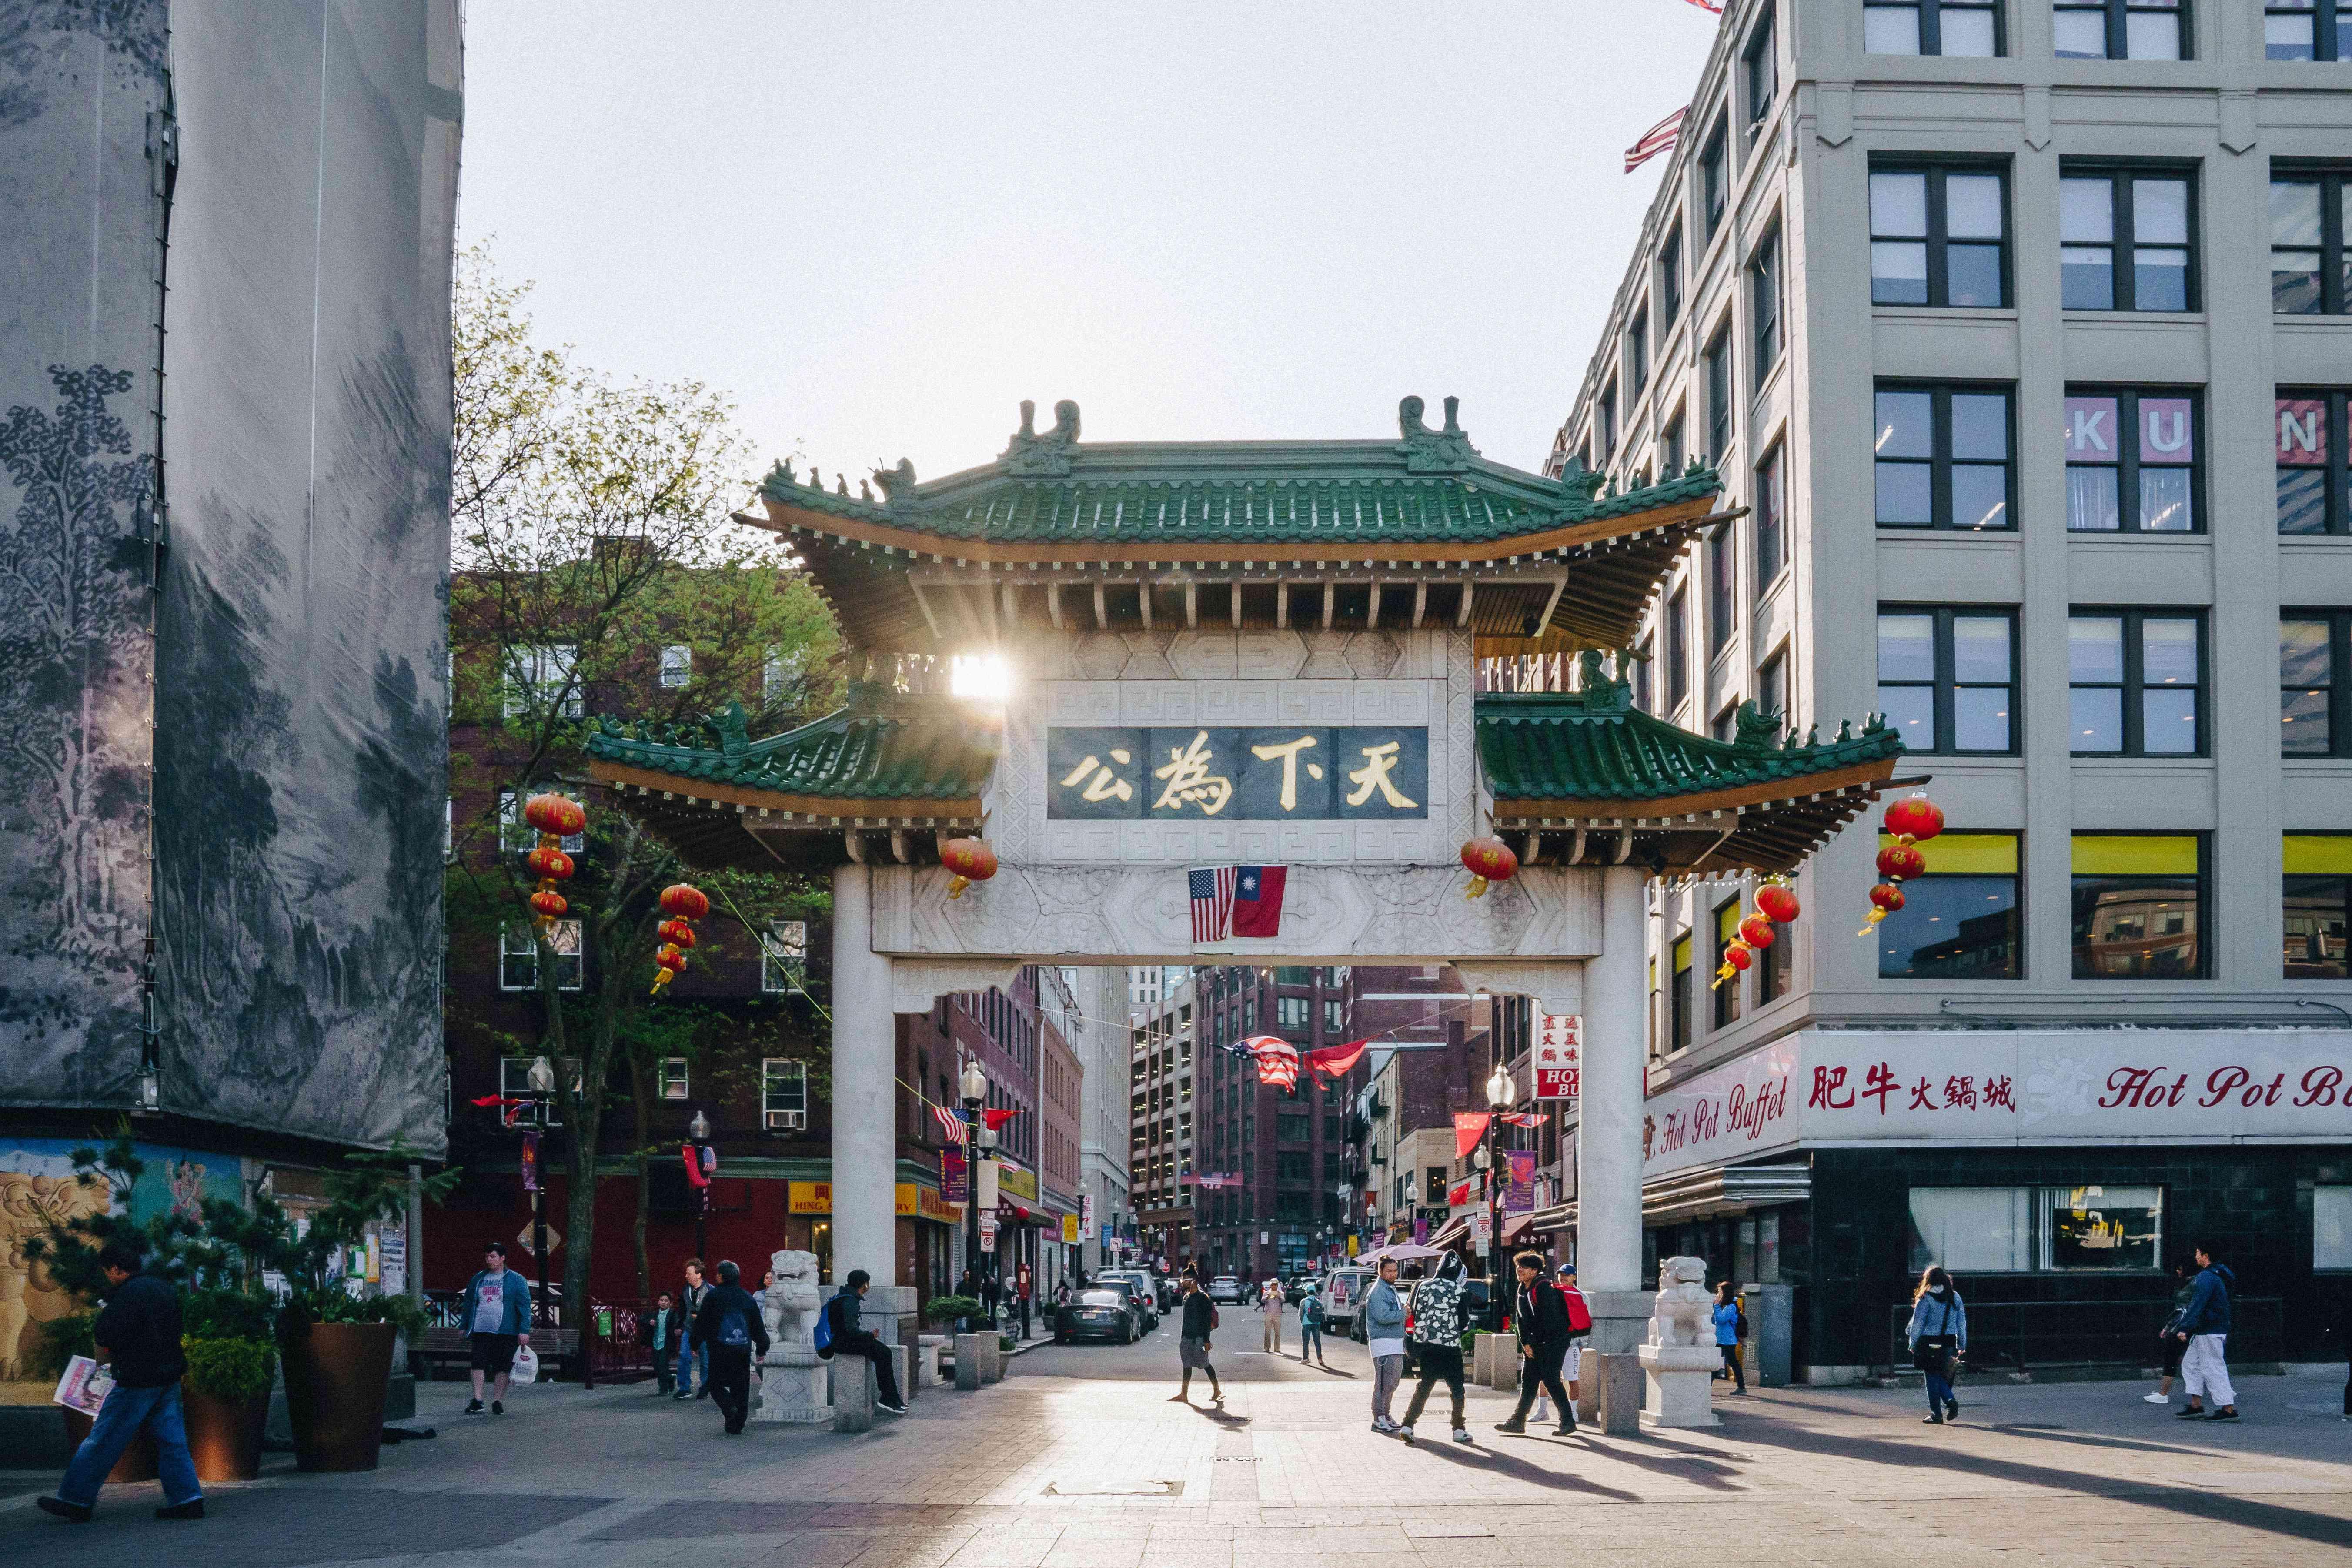 Puerta en la ciudad china con sol